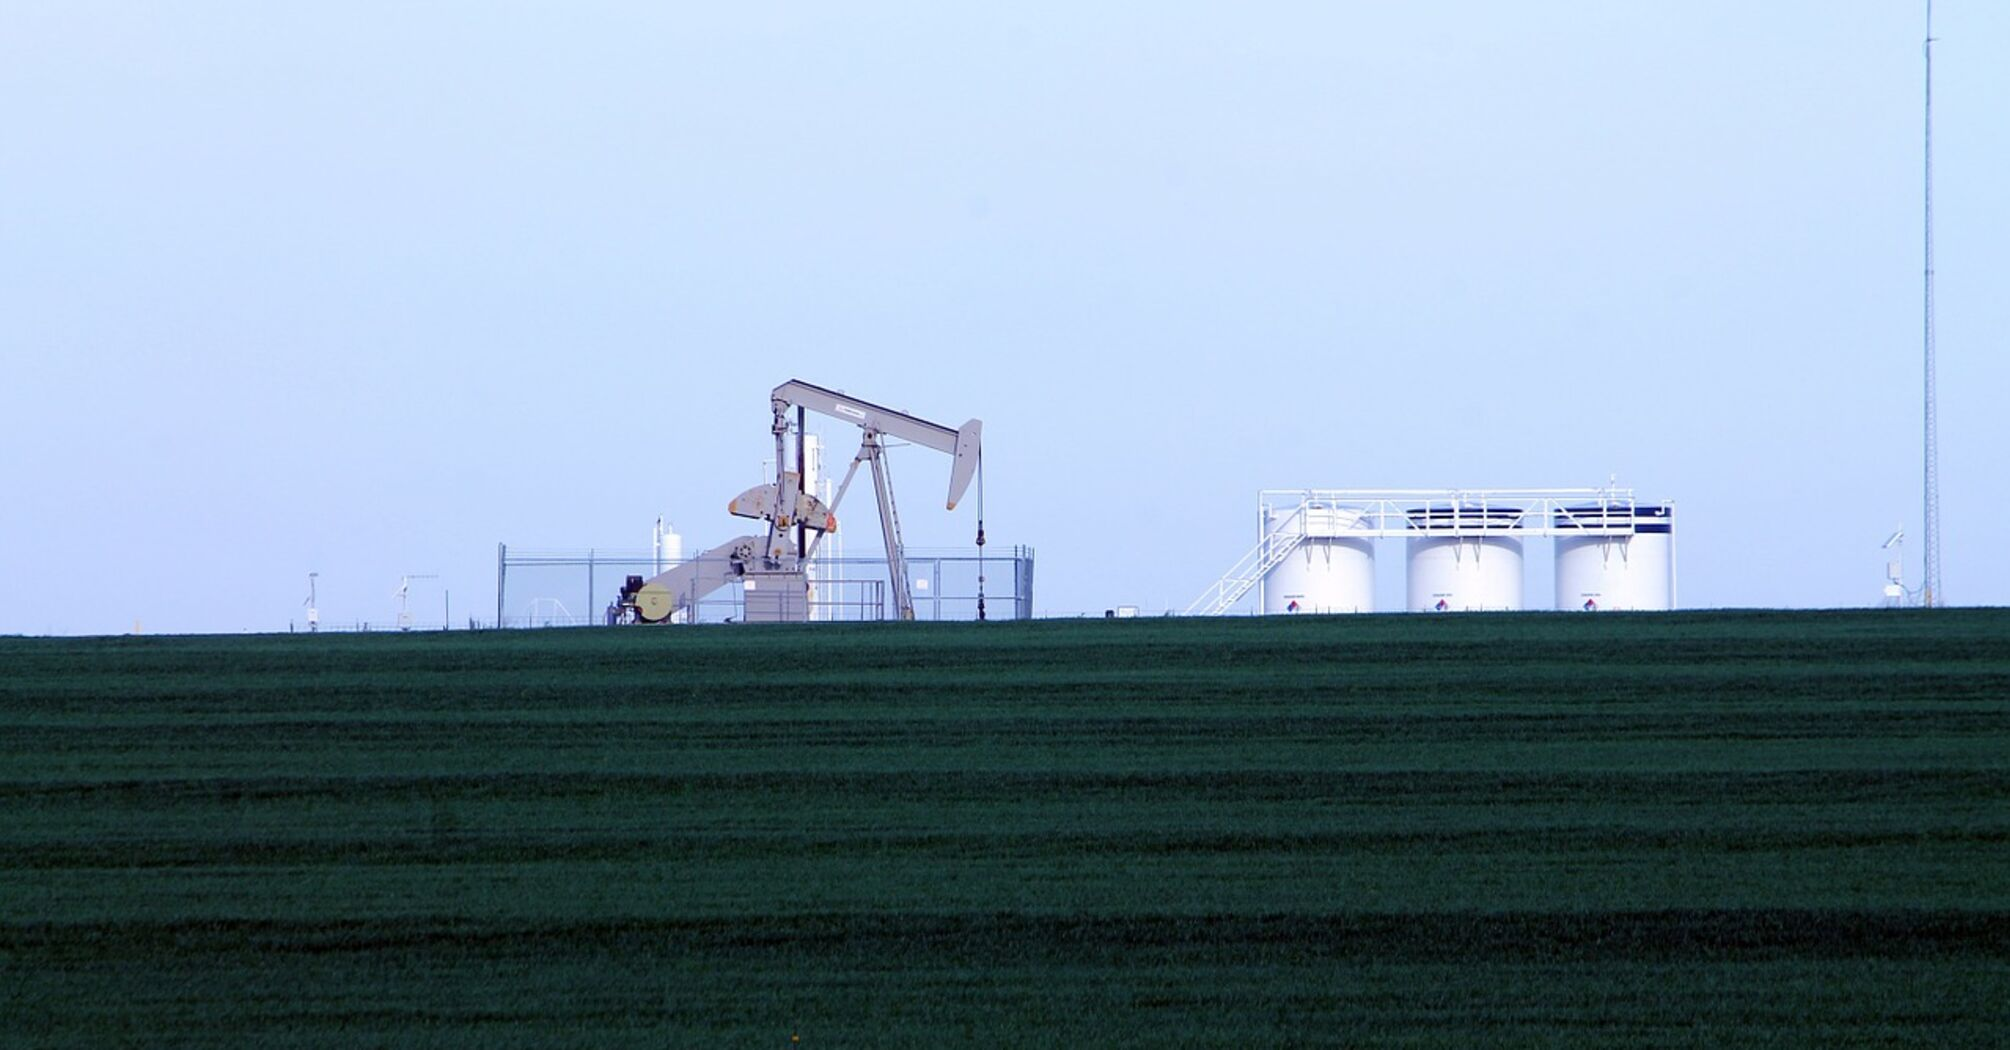 Цены на нефть достигли новой отметки: сколько стоит баррель